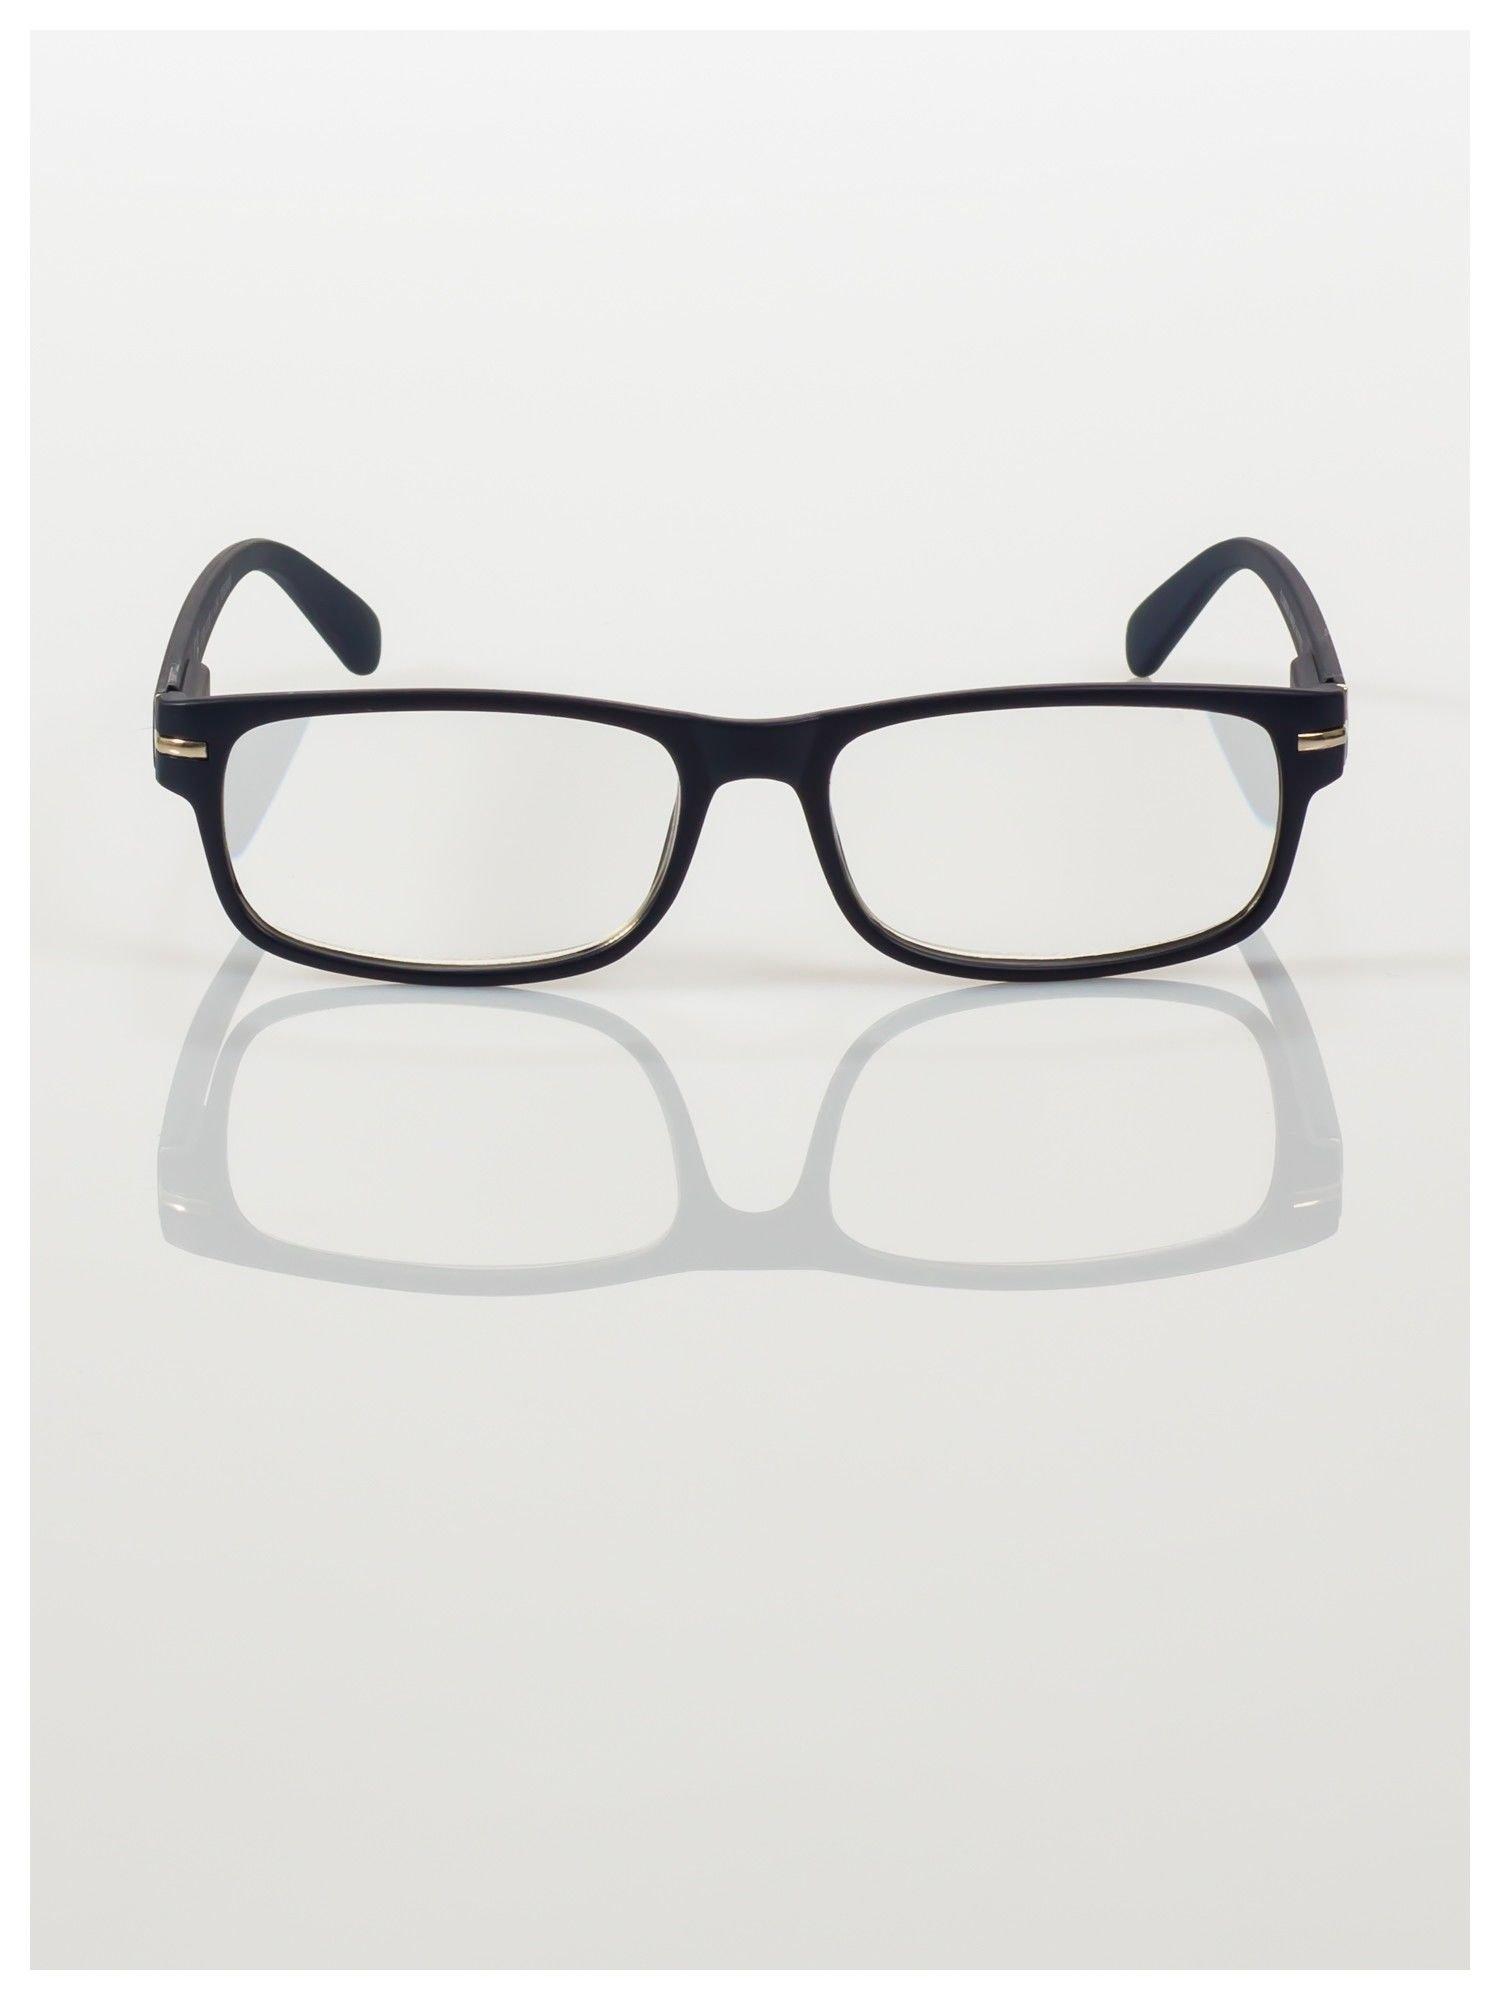 Eleganckie granatowe matowe korekcyjne okulary do czytania +3.5 D  z sytemem FLEX na zausznikach                                  zdj.                                  3